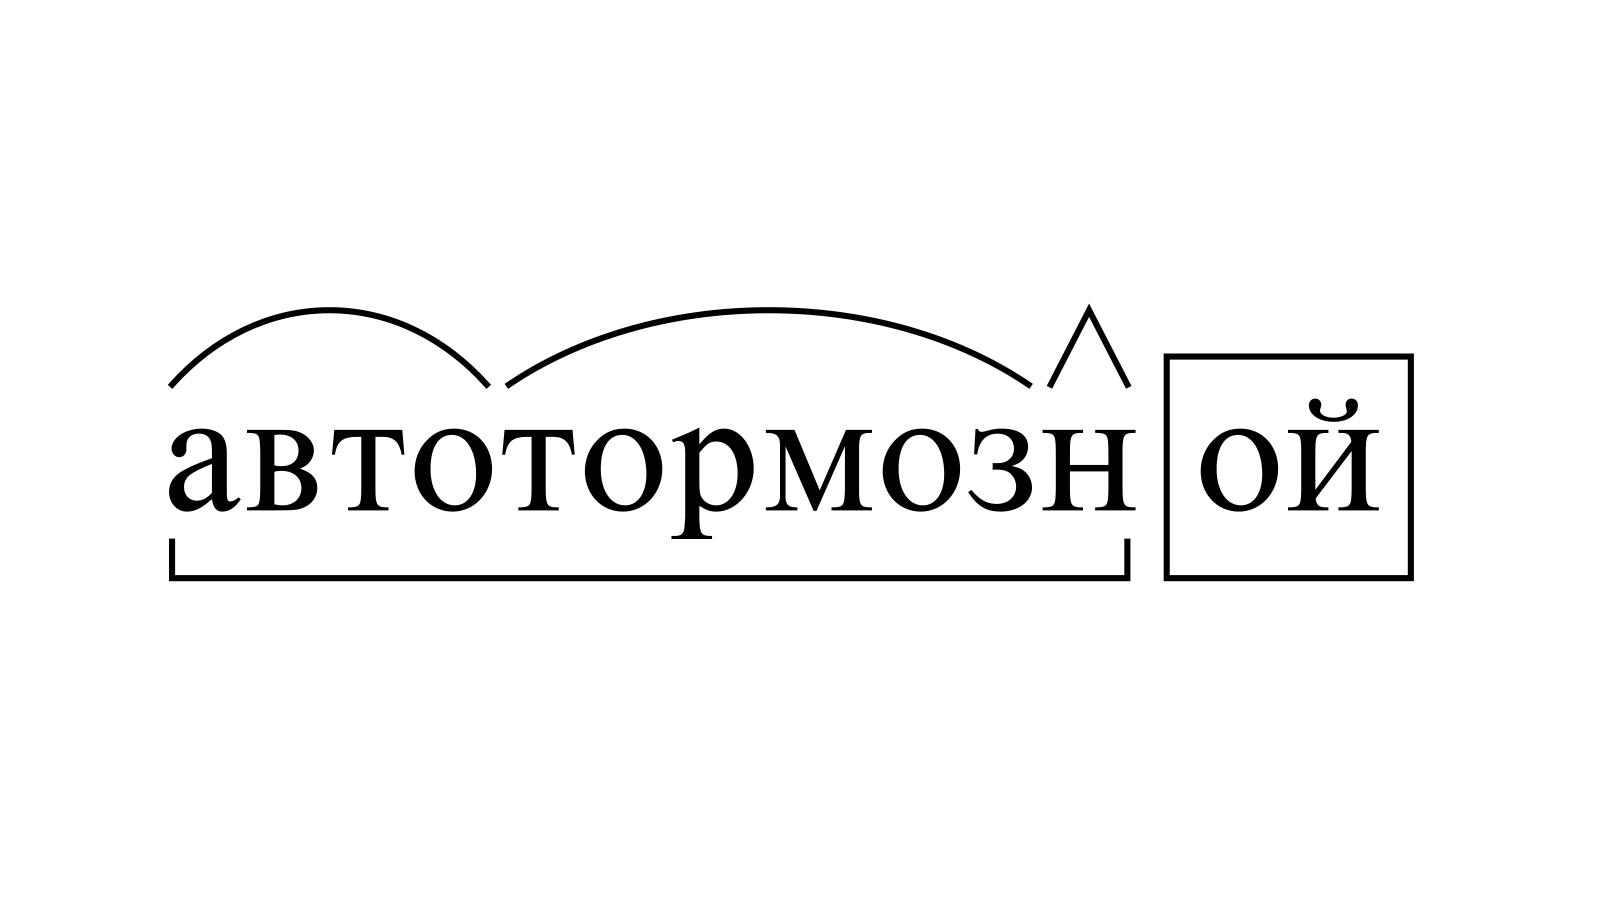 Разбор слова «автотормозной» по составу